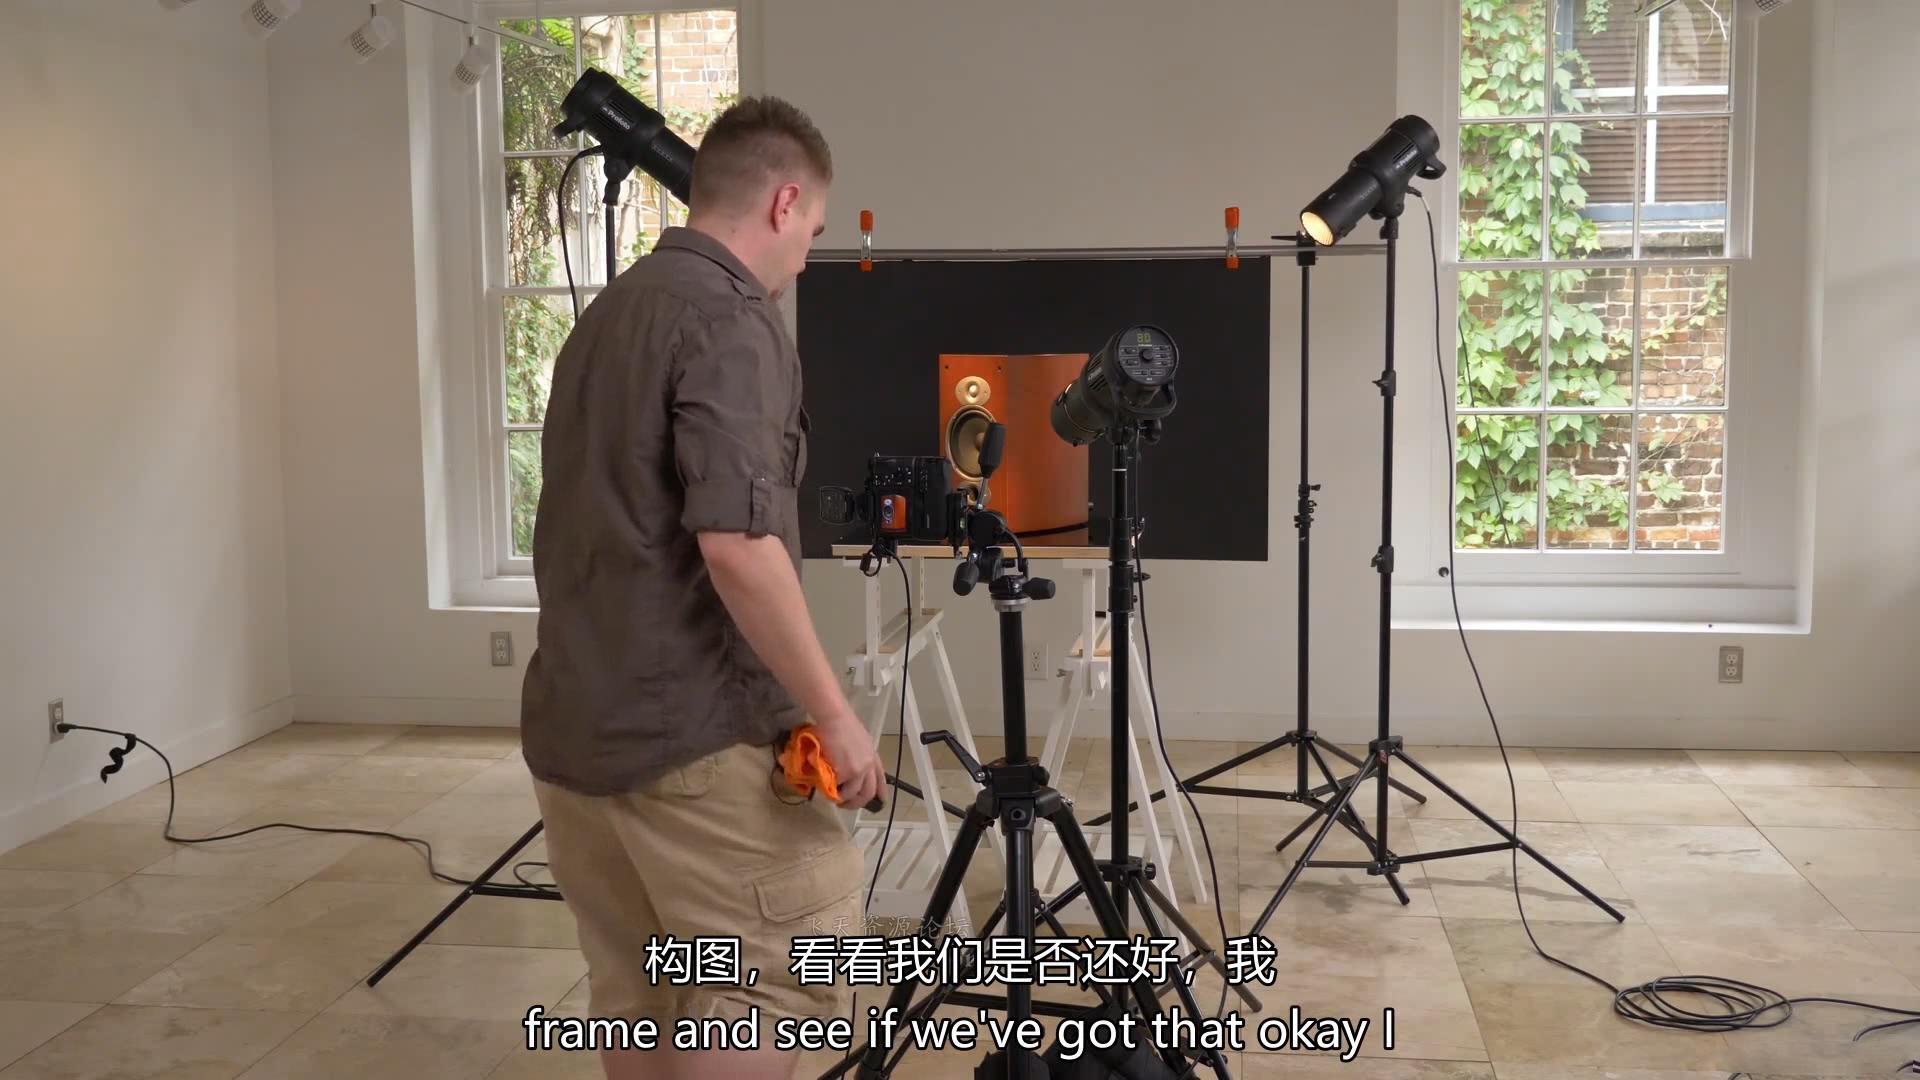 摄影教程_Fstoppers-摄影师Brian RodgersJr高端产品摄影及后期教程-中英字幕 摄影教程 _预览图18